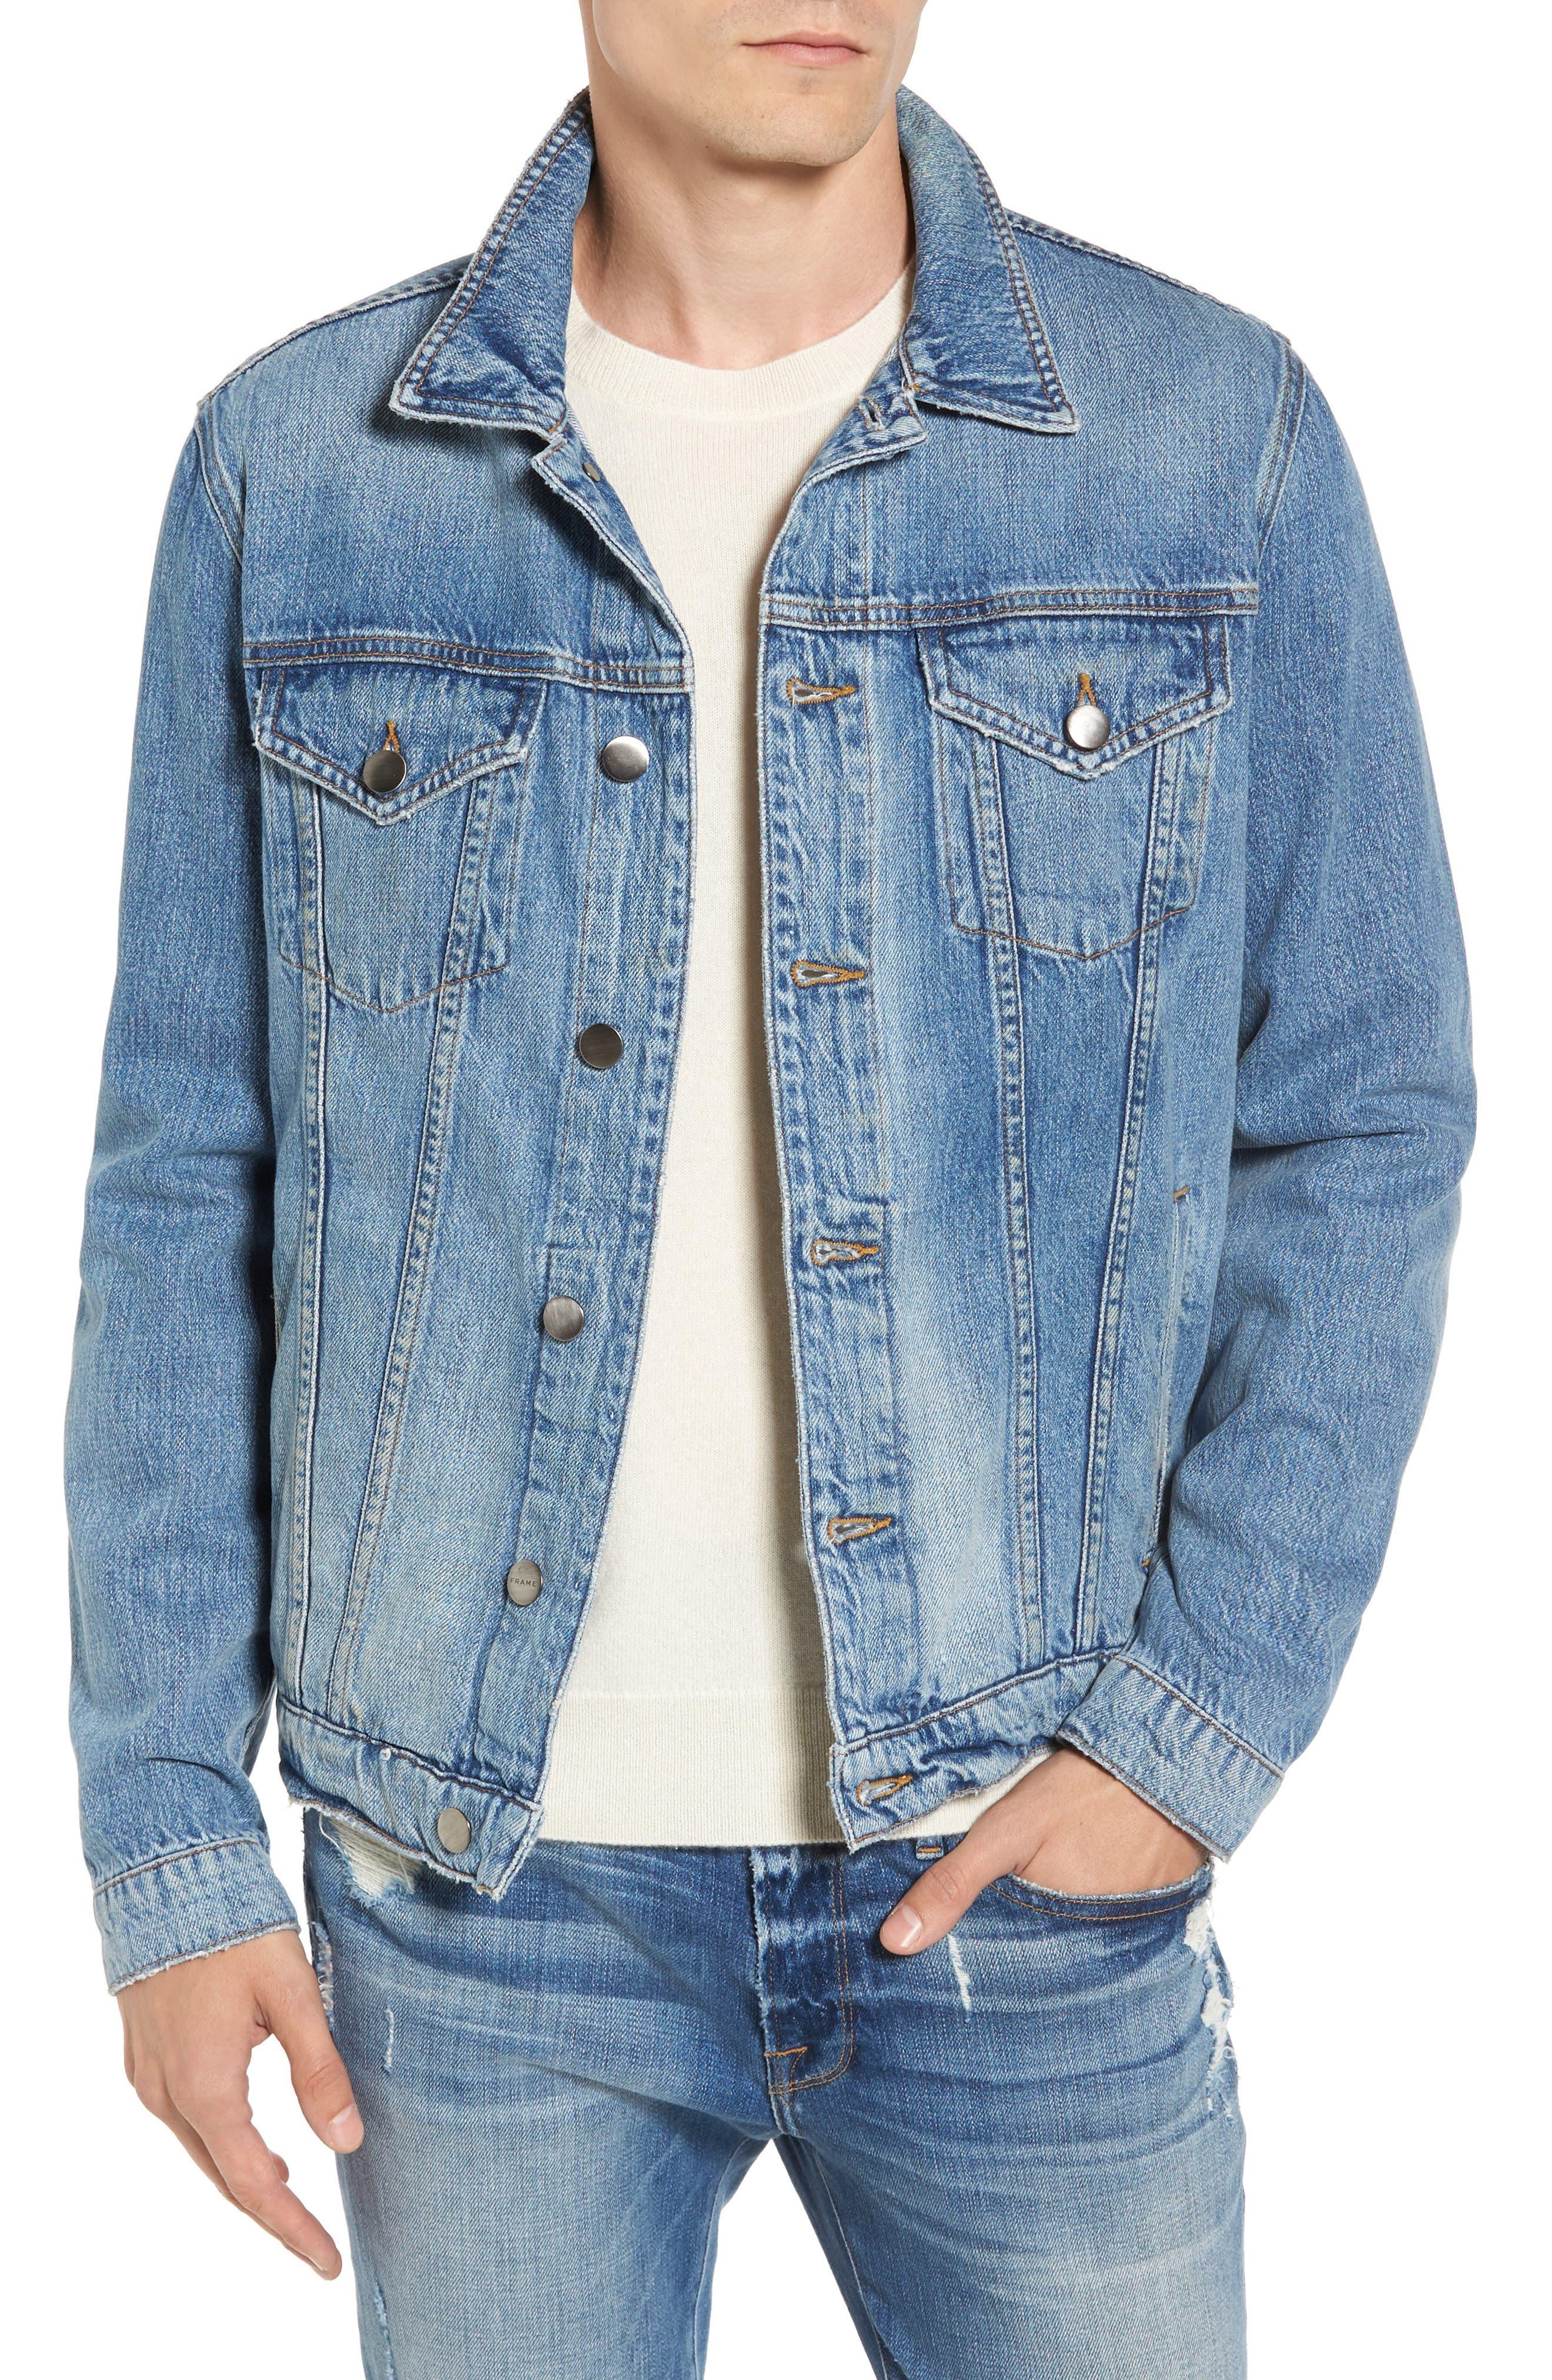 L'Homme Denim Jacket,                             Main thumbnail 1, color,                             450